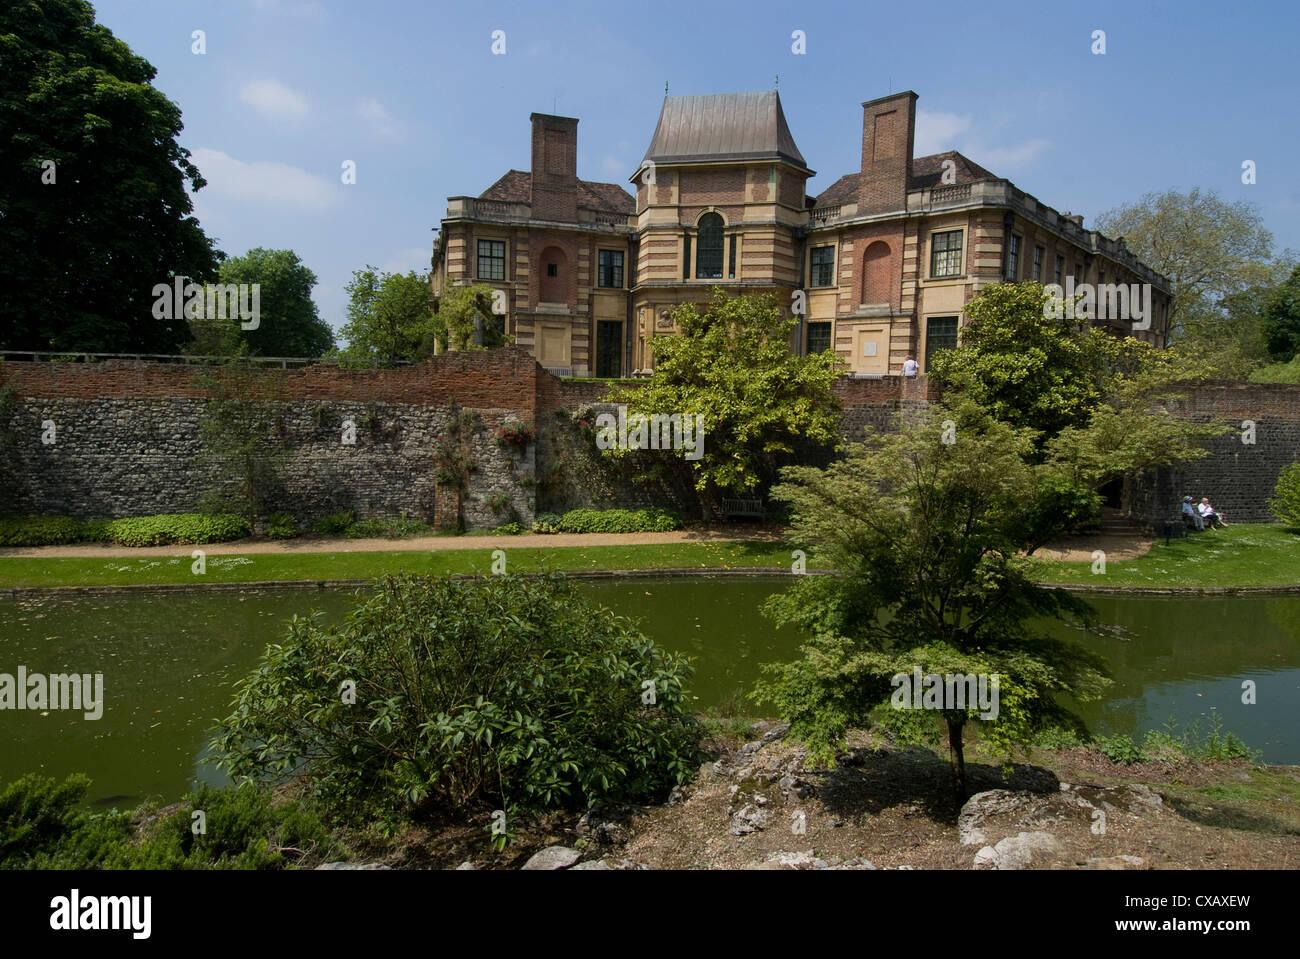 Moat and grounds of Eltham Palace, Eltham, London, England, United Kingdom, Europe - Stock Image